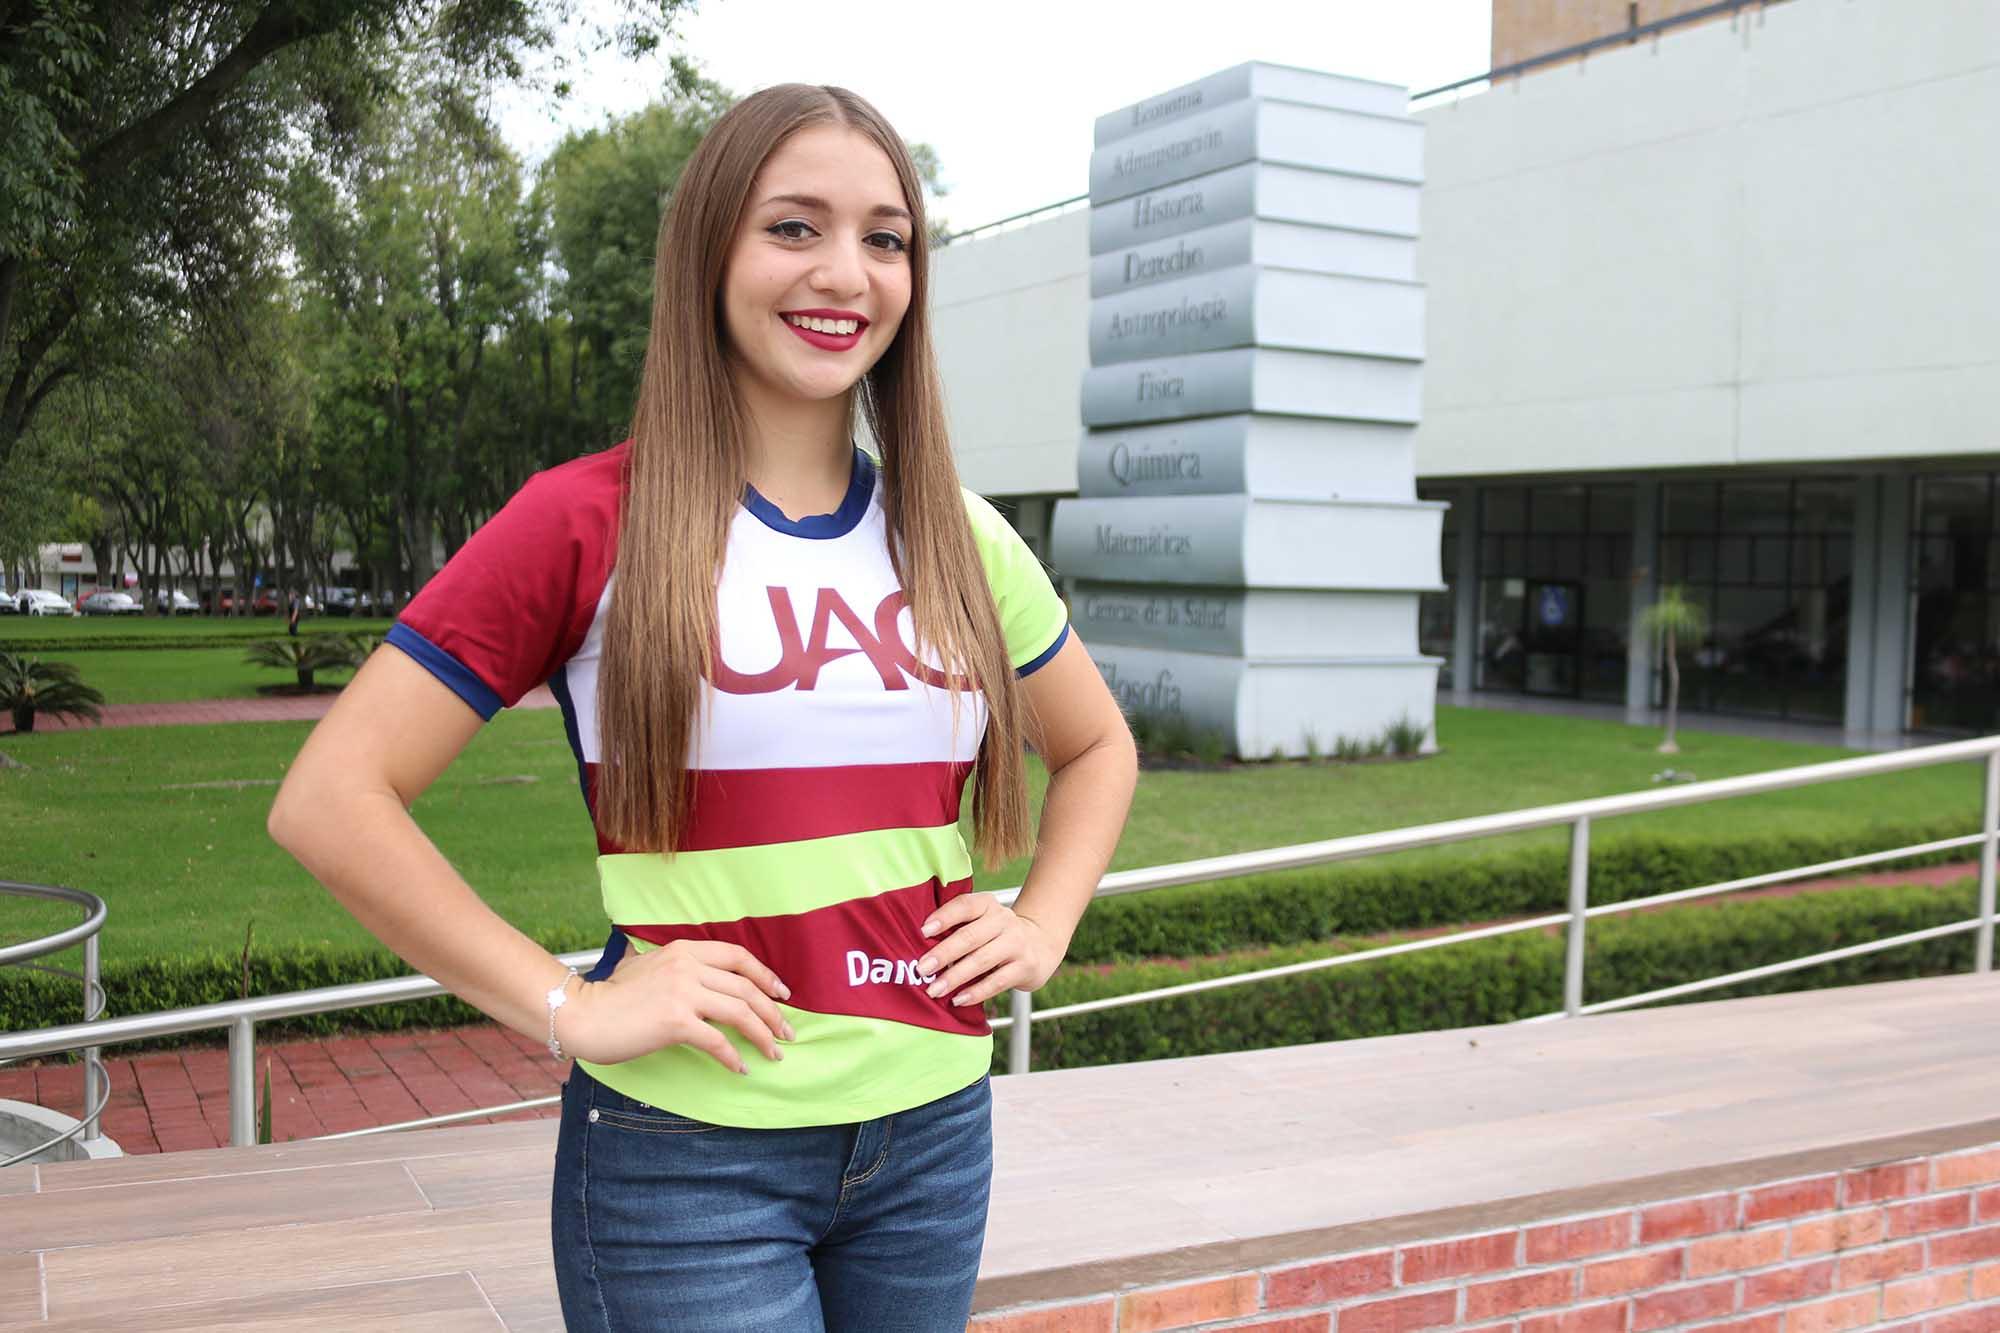 María Carranza